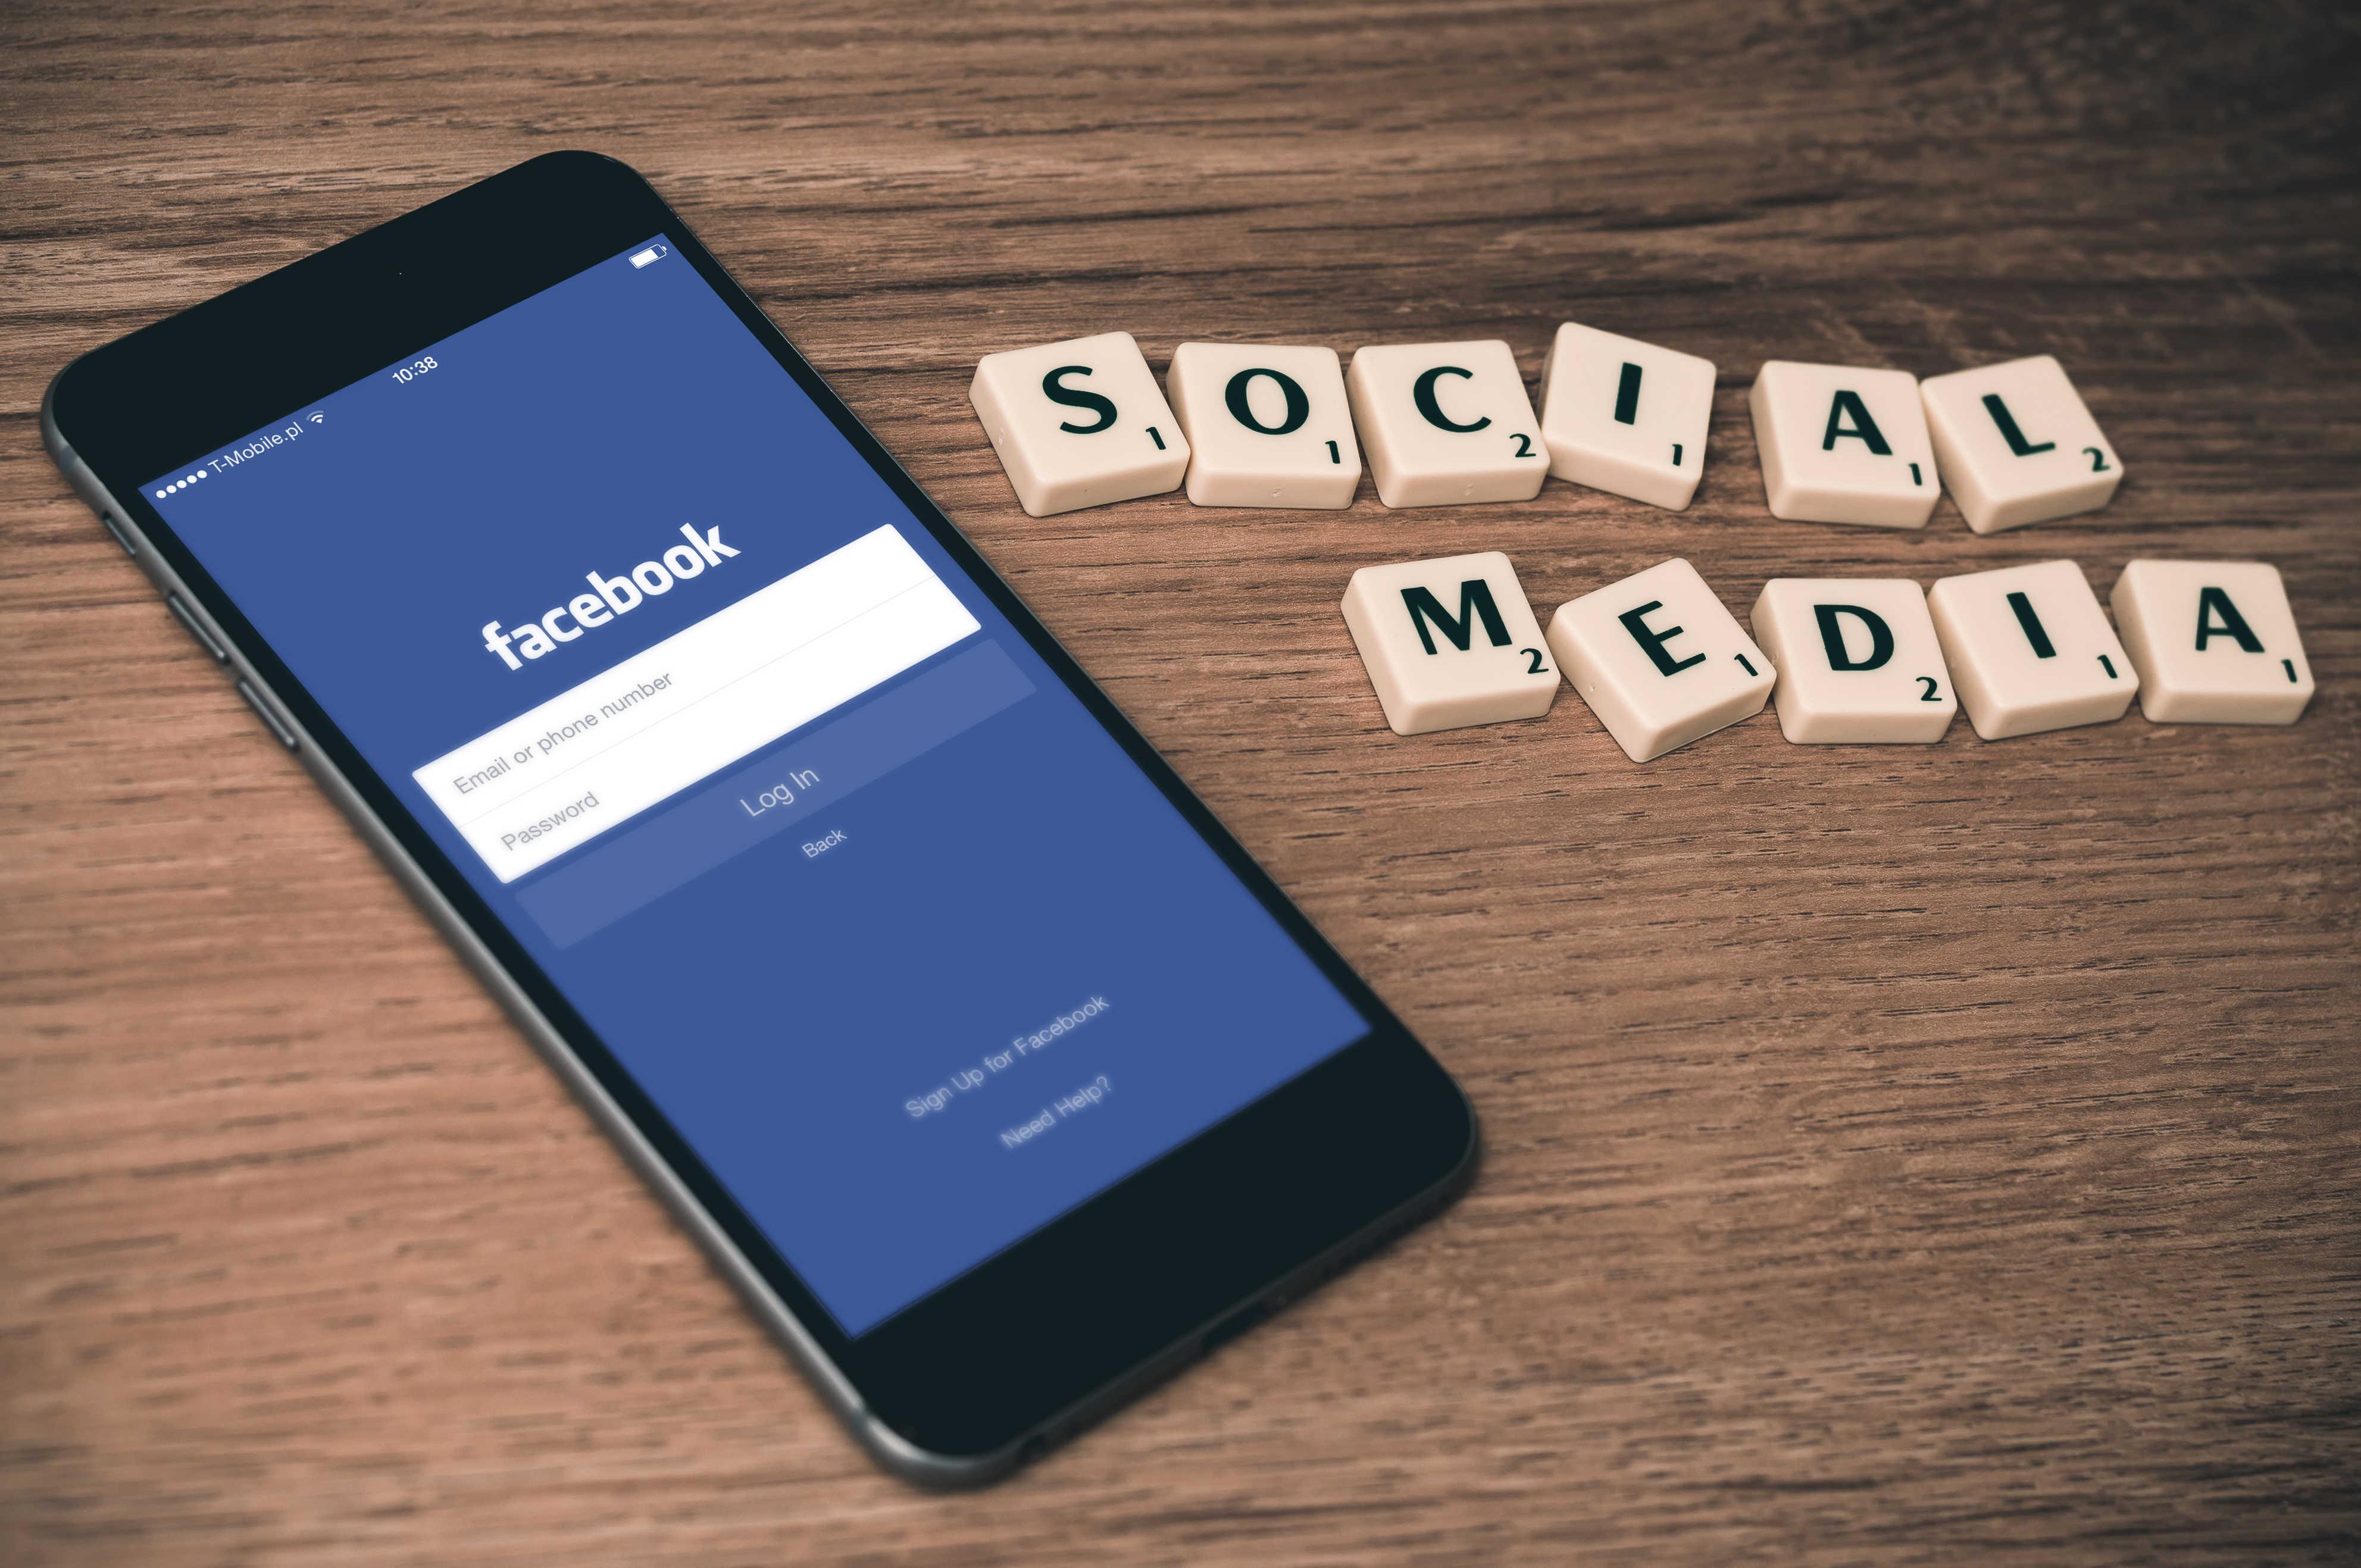 Réseaux sociaux : pages Facebook, des formats différents selon les besoins des entreprises